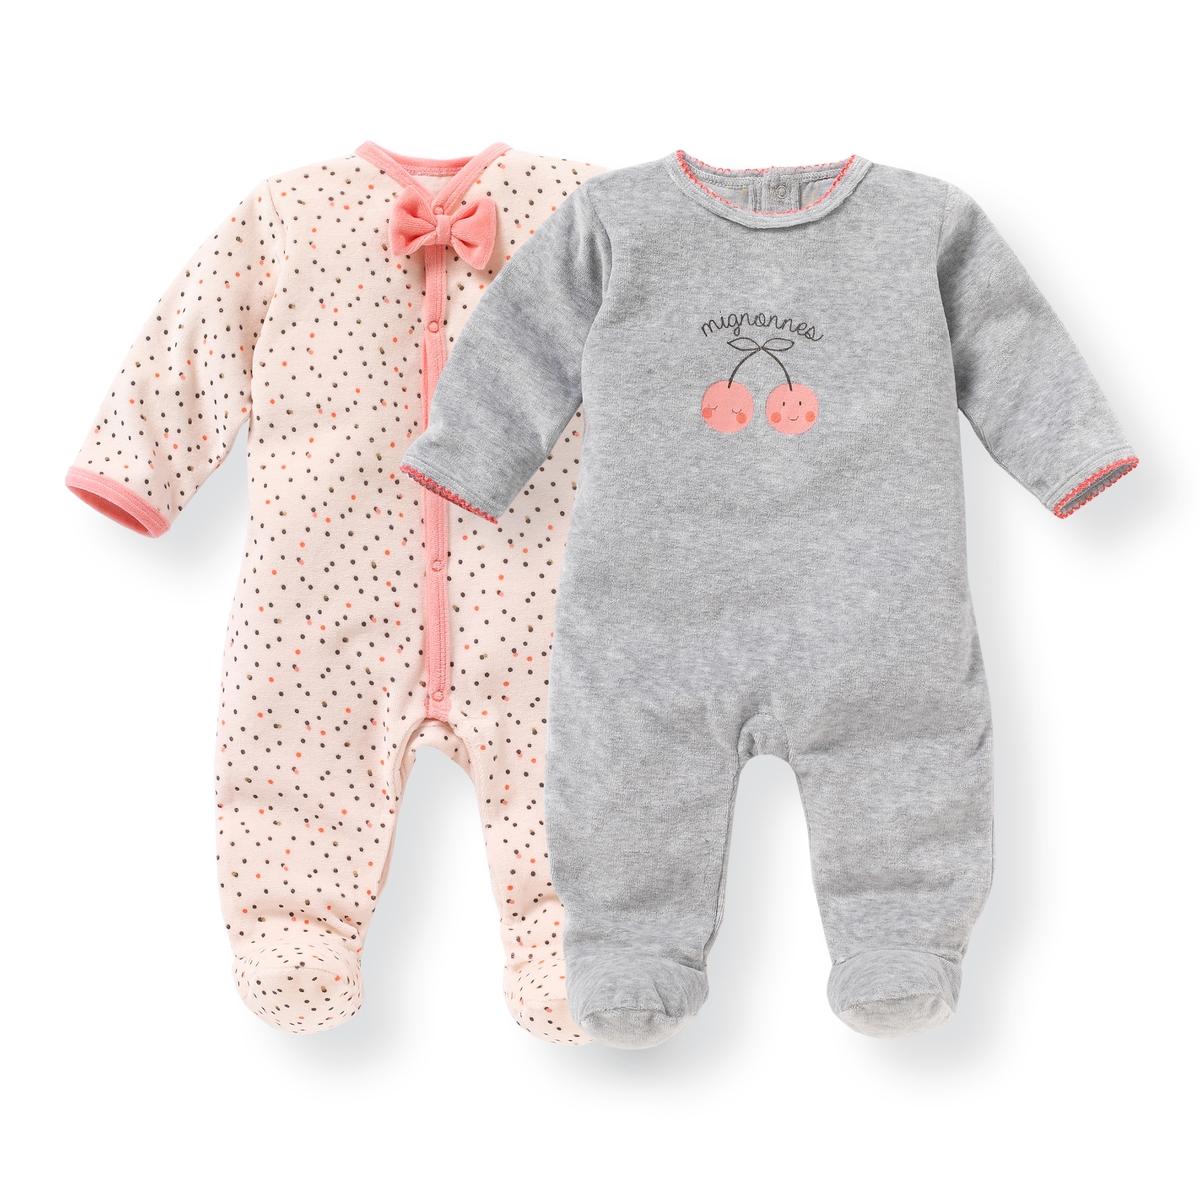 2 пижамы для новорожденных из велюра 0 мес-3 лет зажигалки colibri qtr497012